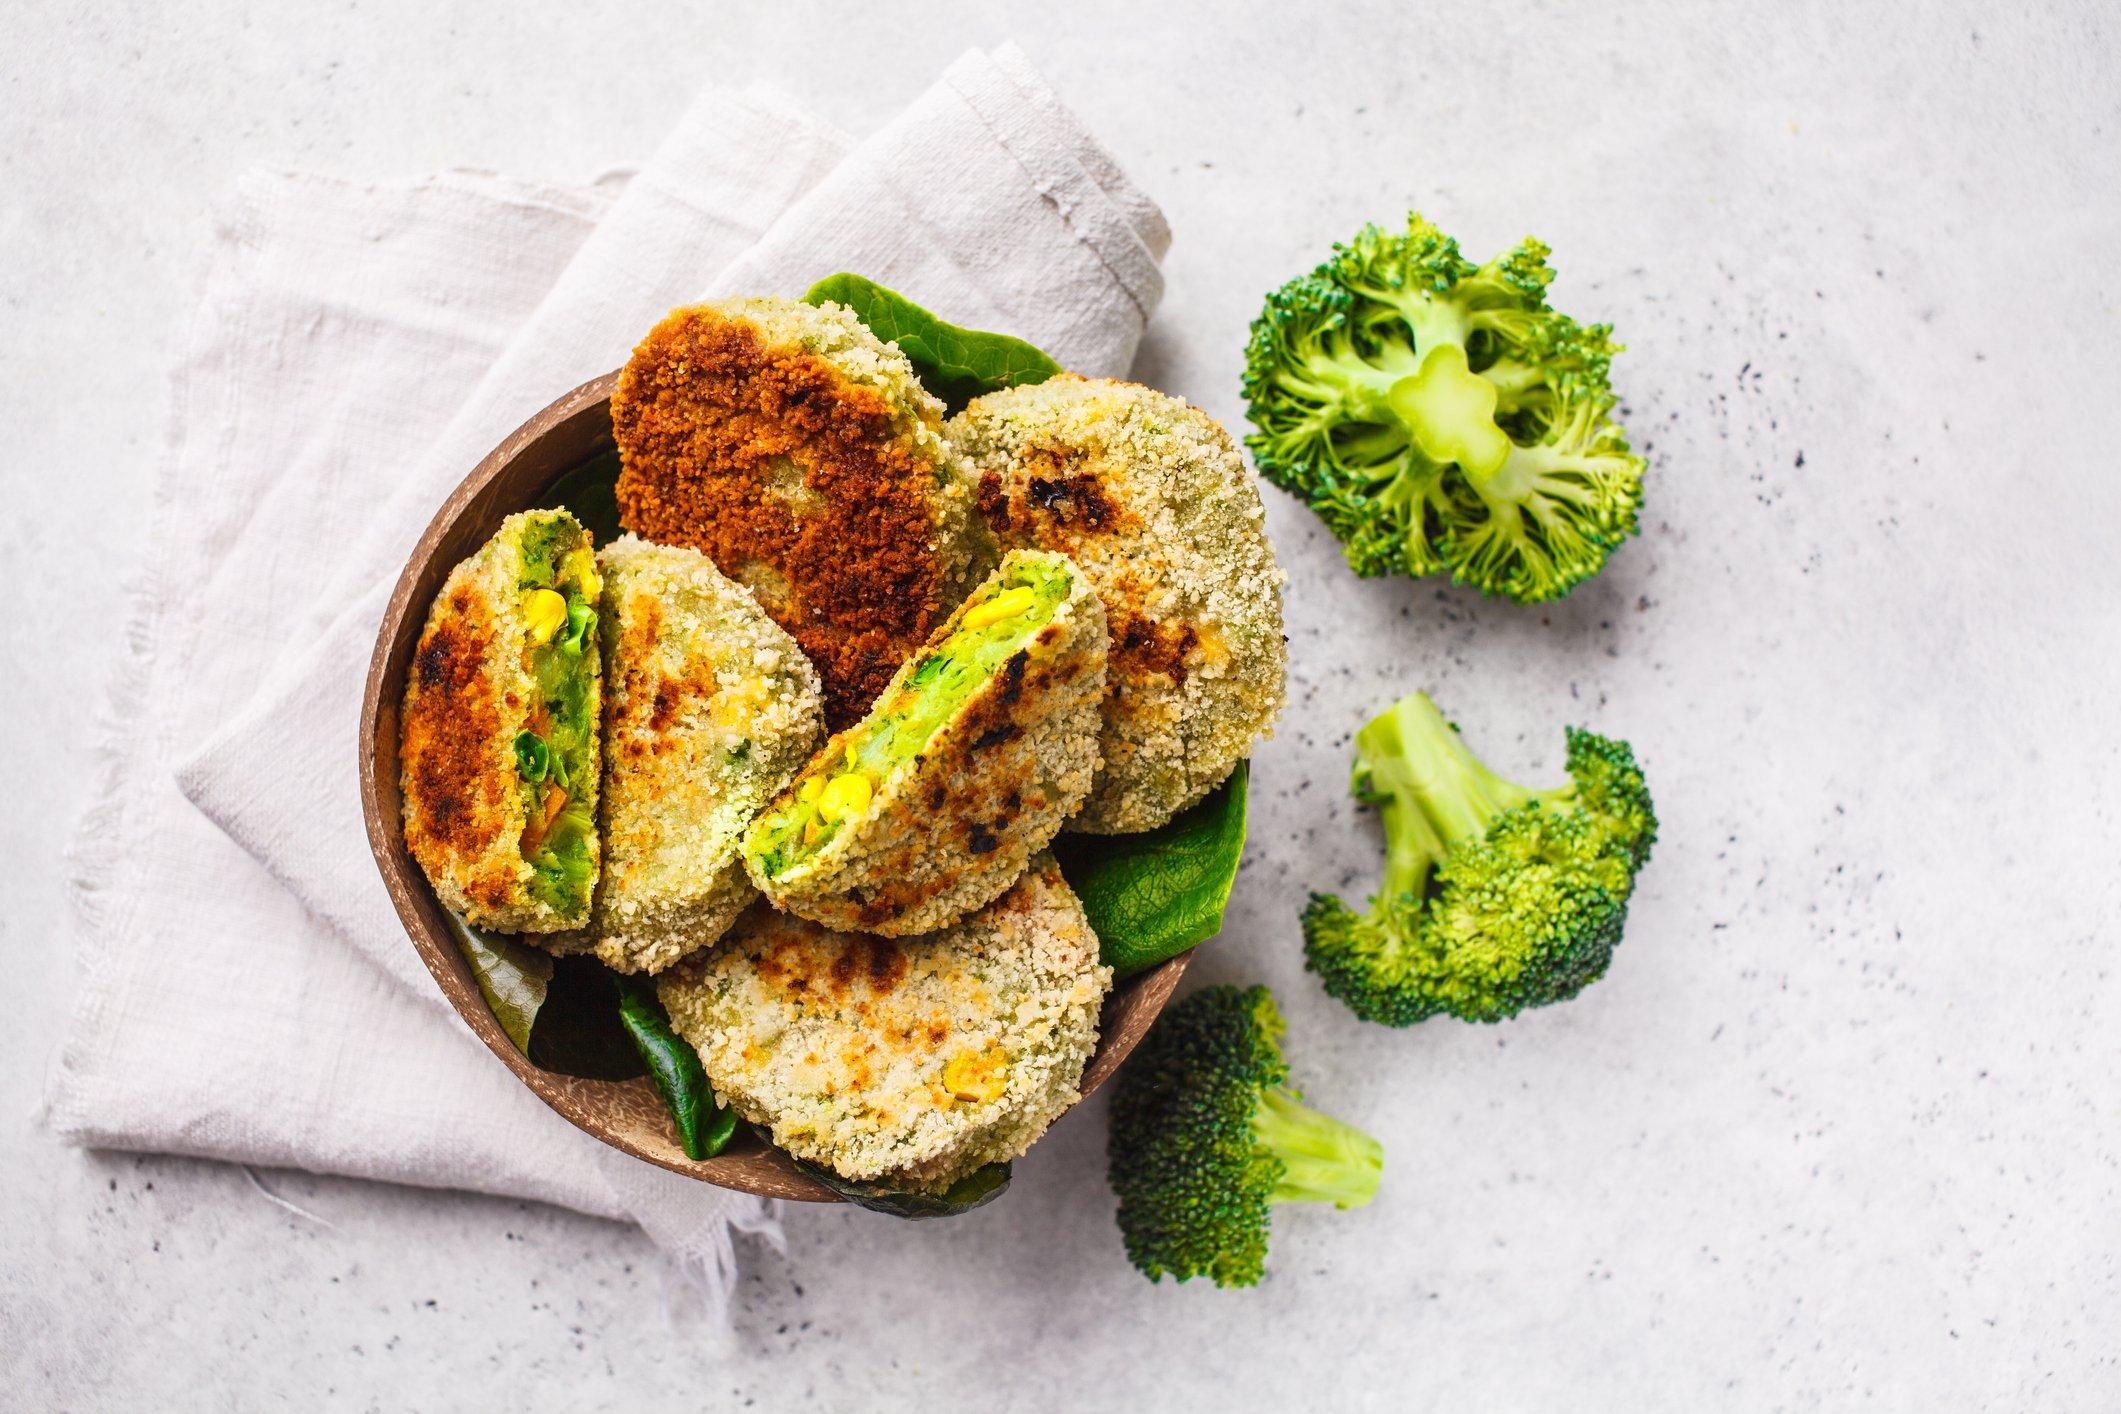 对于孩子们来说,使用各种形式的蔬菜(例如小馅饼或矿块)是一种很好的方式。 (iStock Photo)